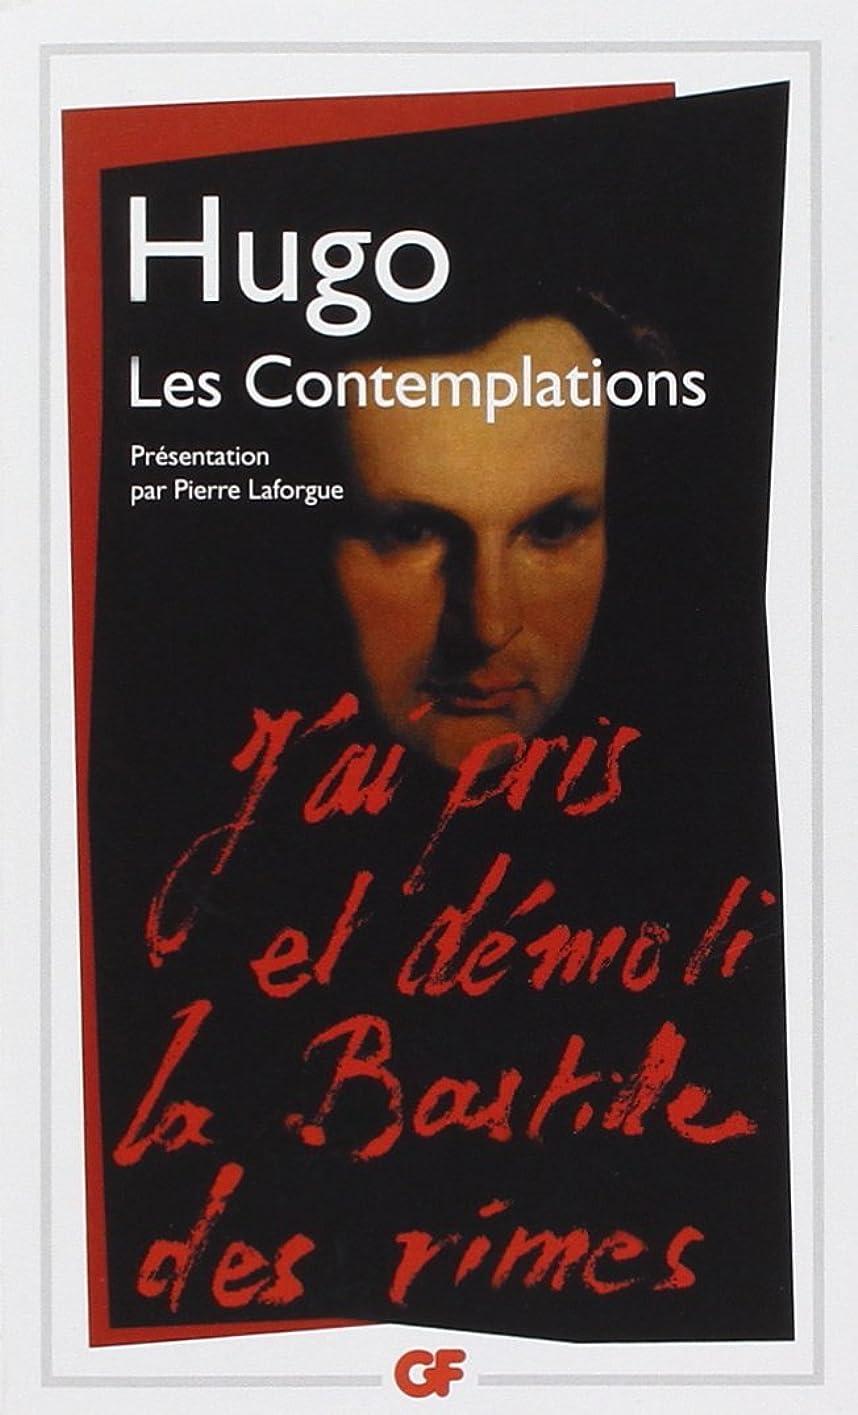 のヒープ小さな抑制Contemplation (French Edition)